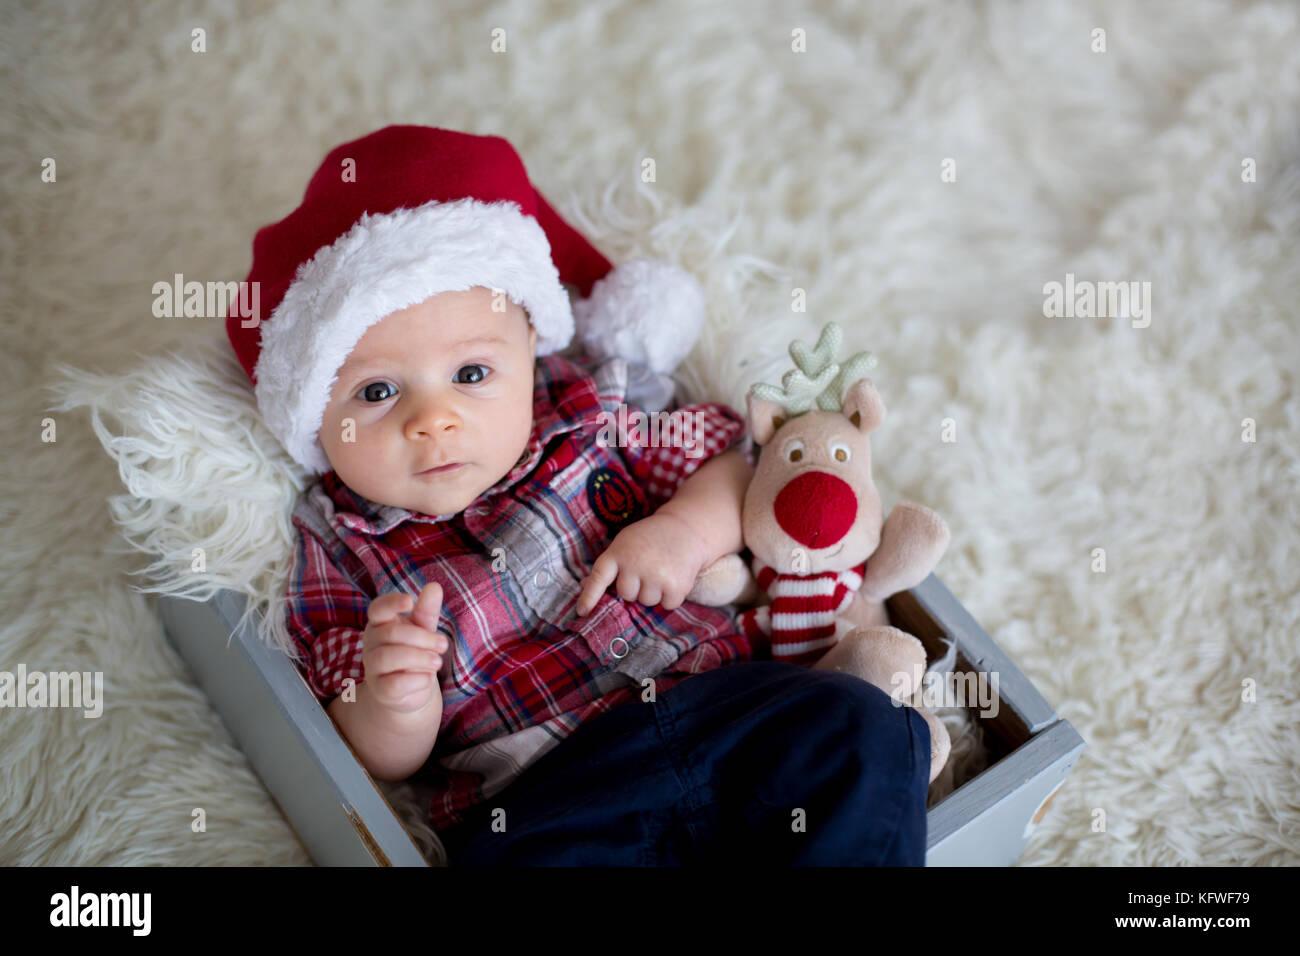 Foto Di Natale Neonati.Ritratto Di Natale Di Carino Piccolo Neonato Bambino Vestito